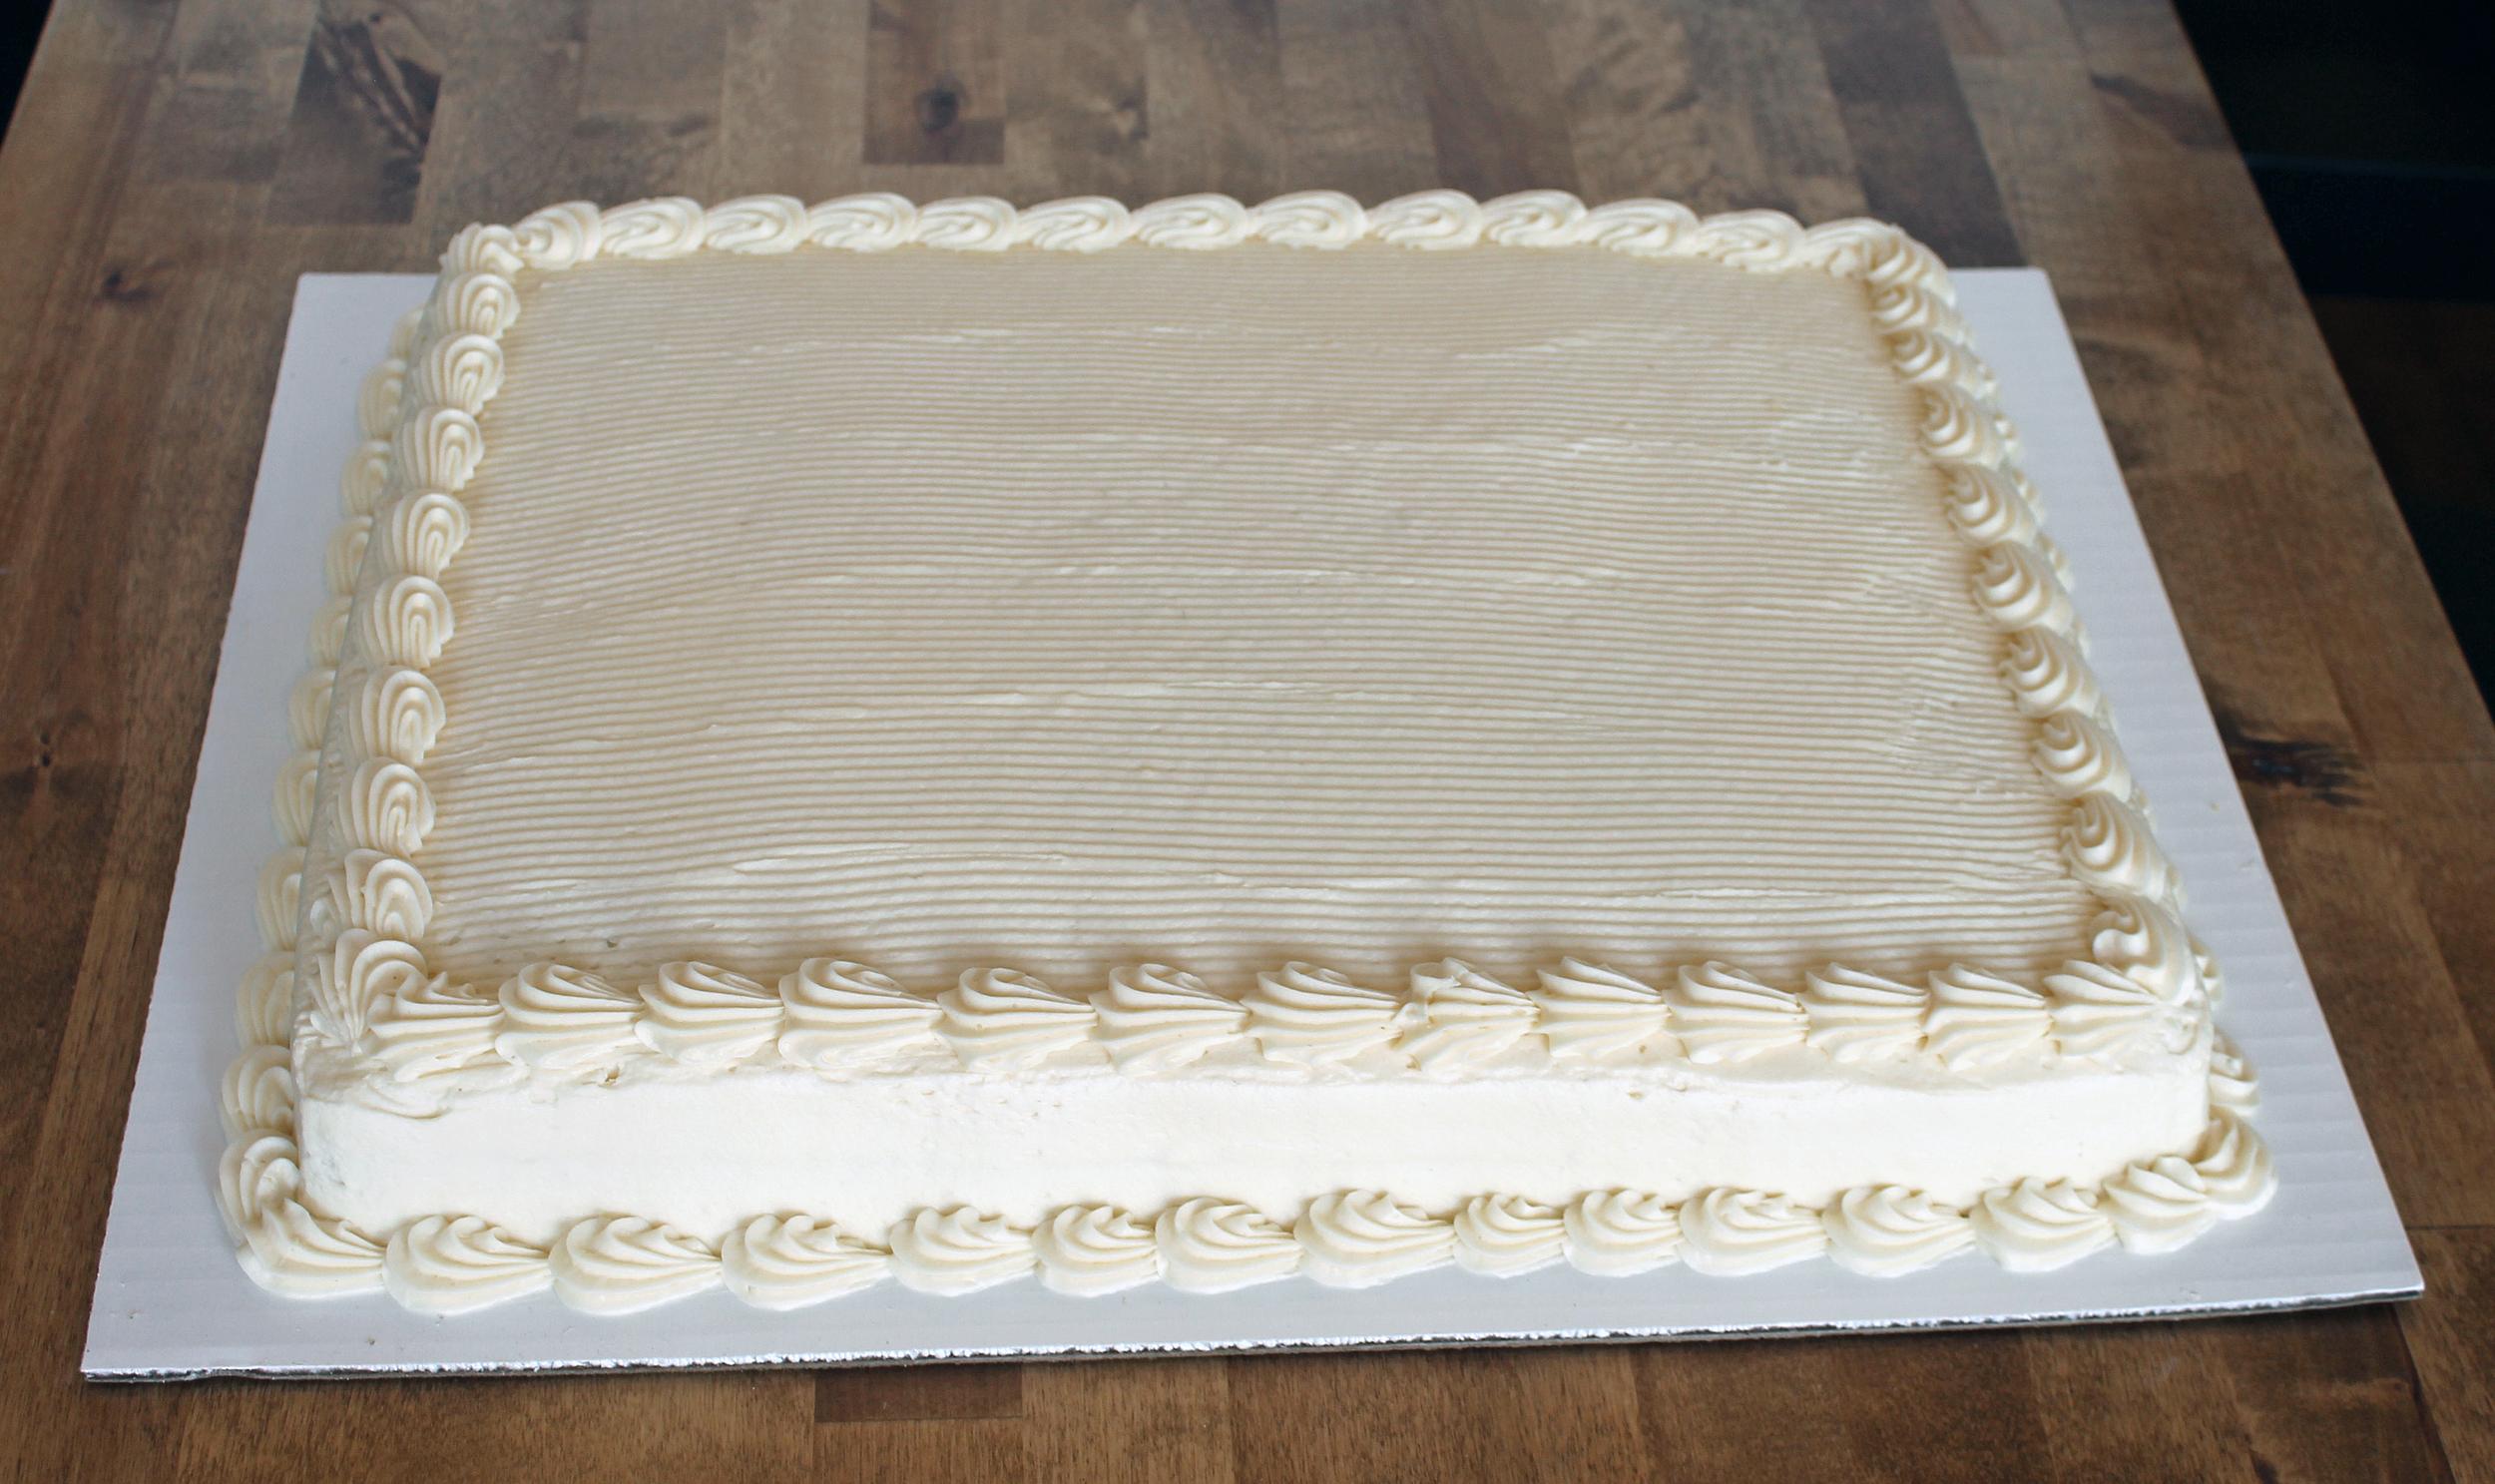 1/2 sheet cake - $35.99    serves 30 - 40 people